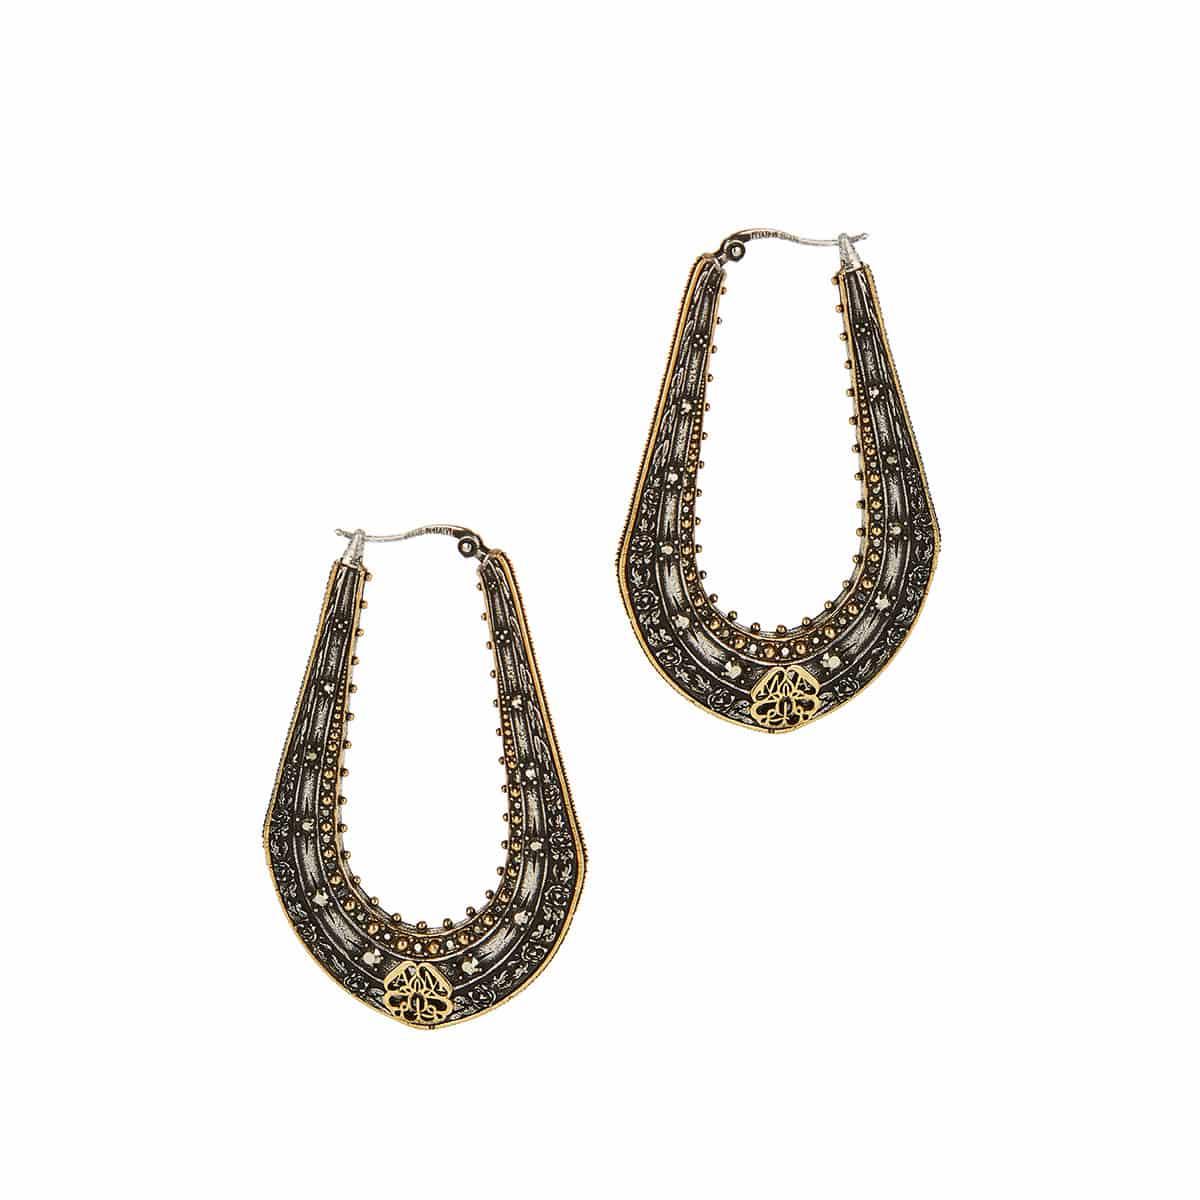 Engraved brass earrings